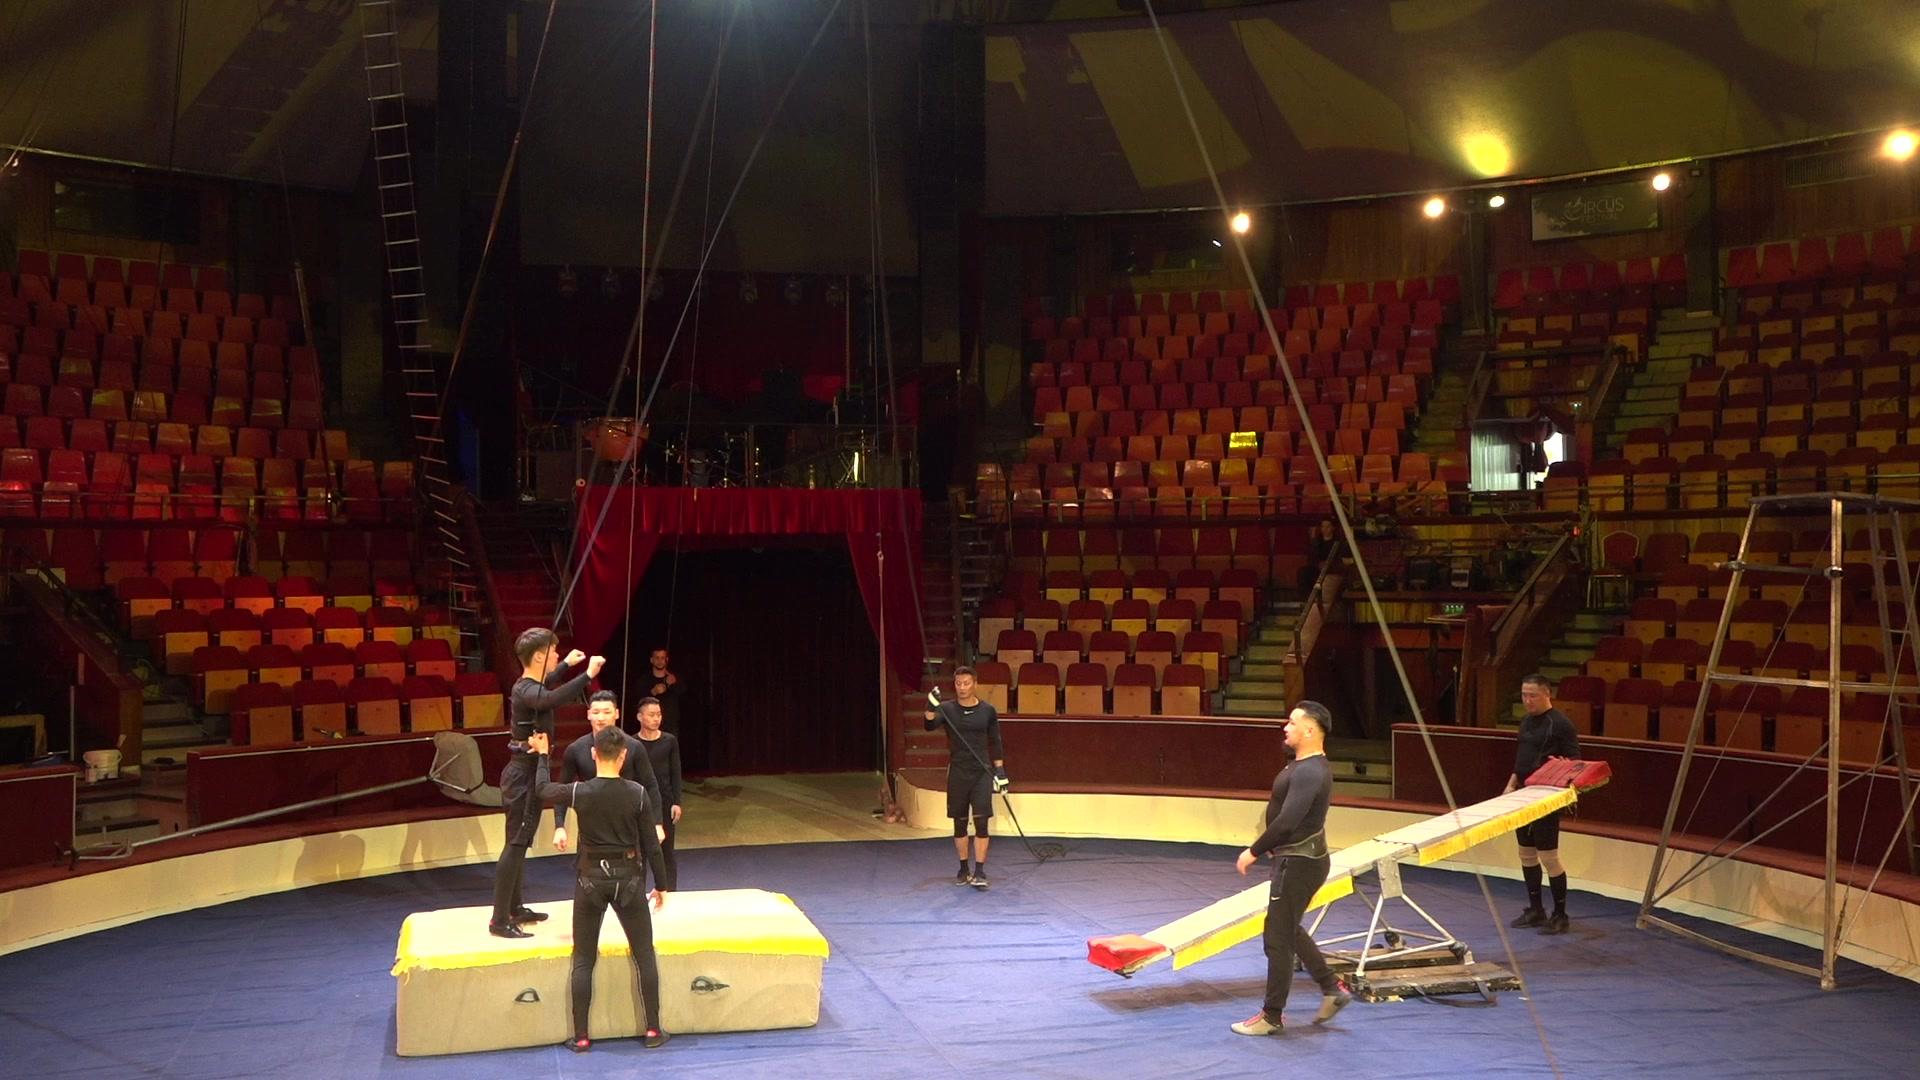 Senkit sem hagyunk cirkusz nélkül!